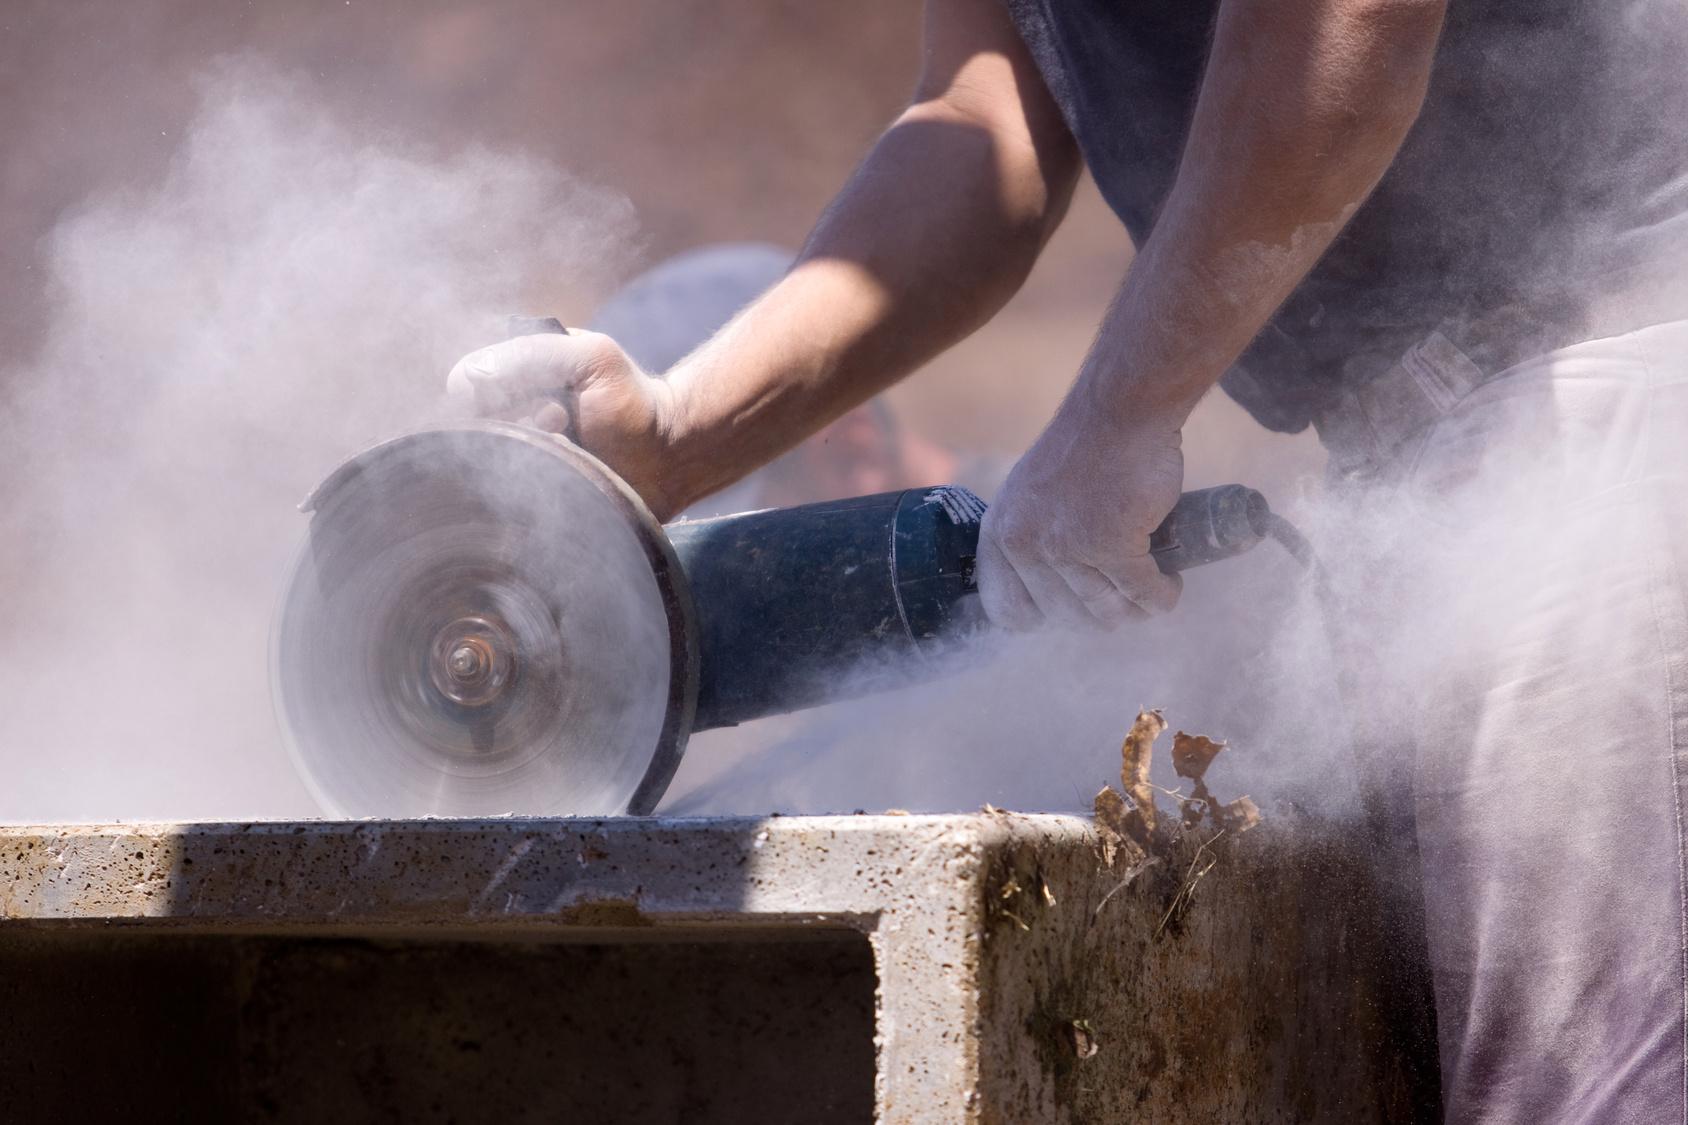 zdjęcie praca kamieniarza, cięcie kamienia